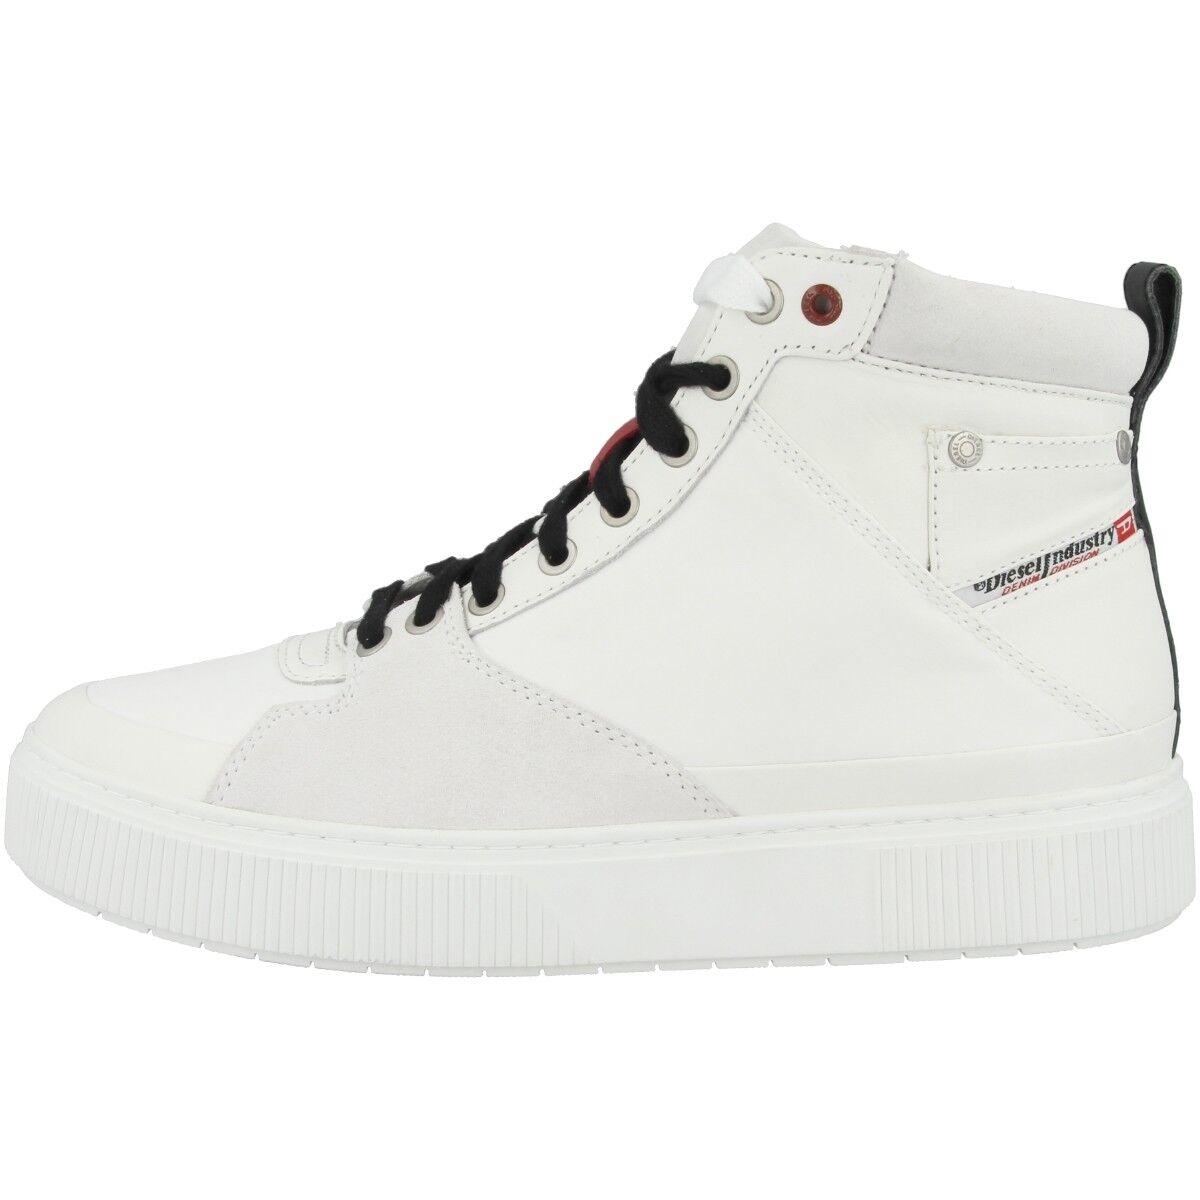 DIESEL S-Danny Mc Scarpe tempo libero High Top scarpe da ginnastica STAR bianca y01797-pr319-t1015